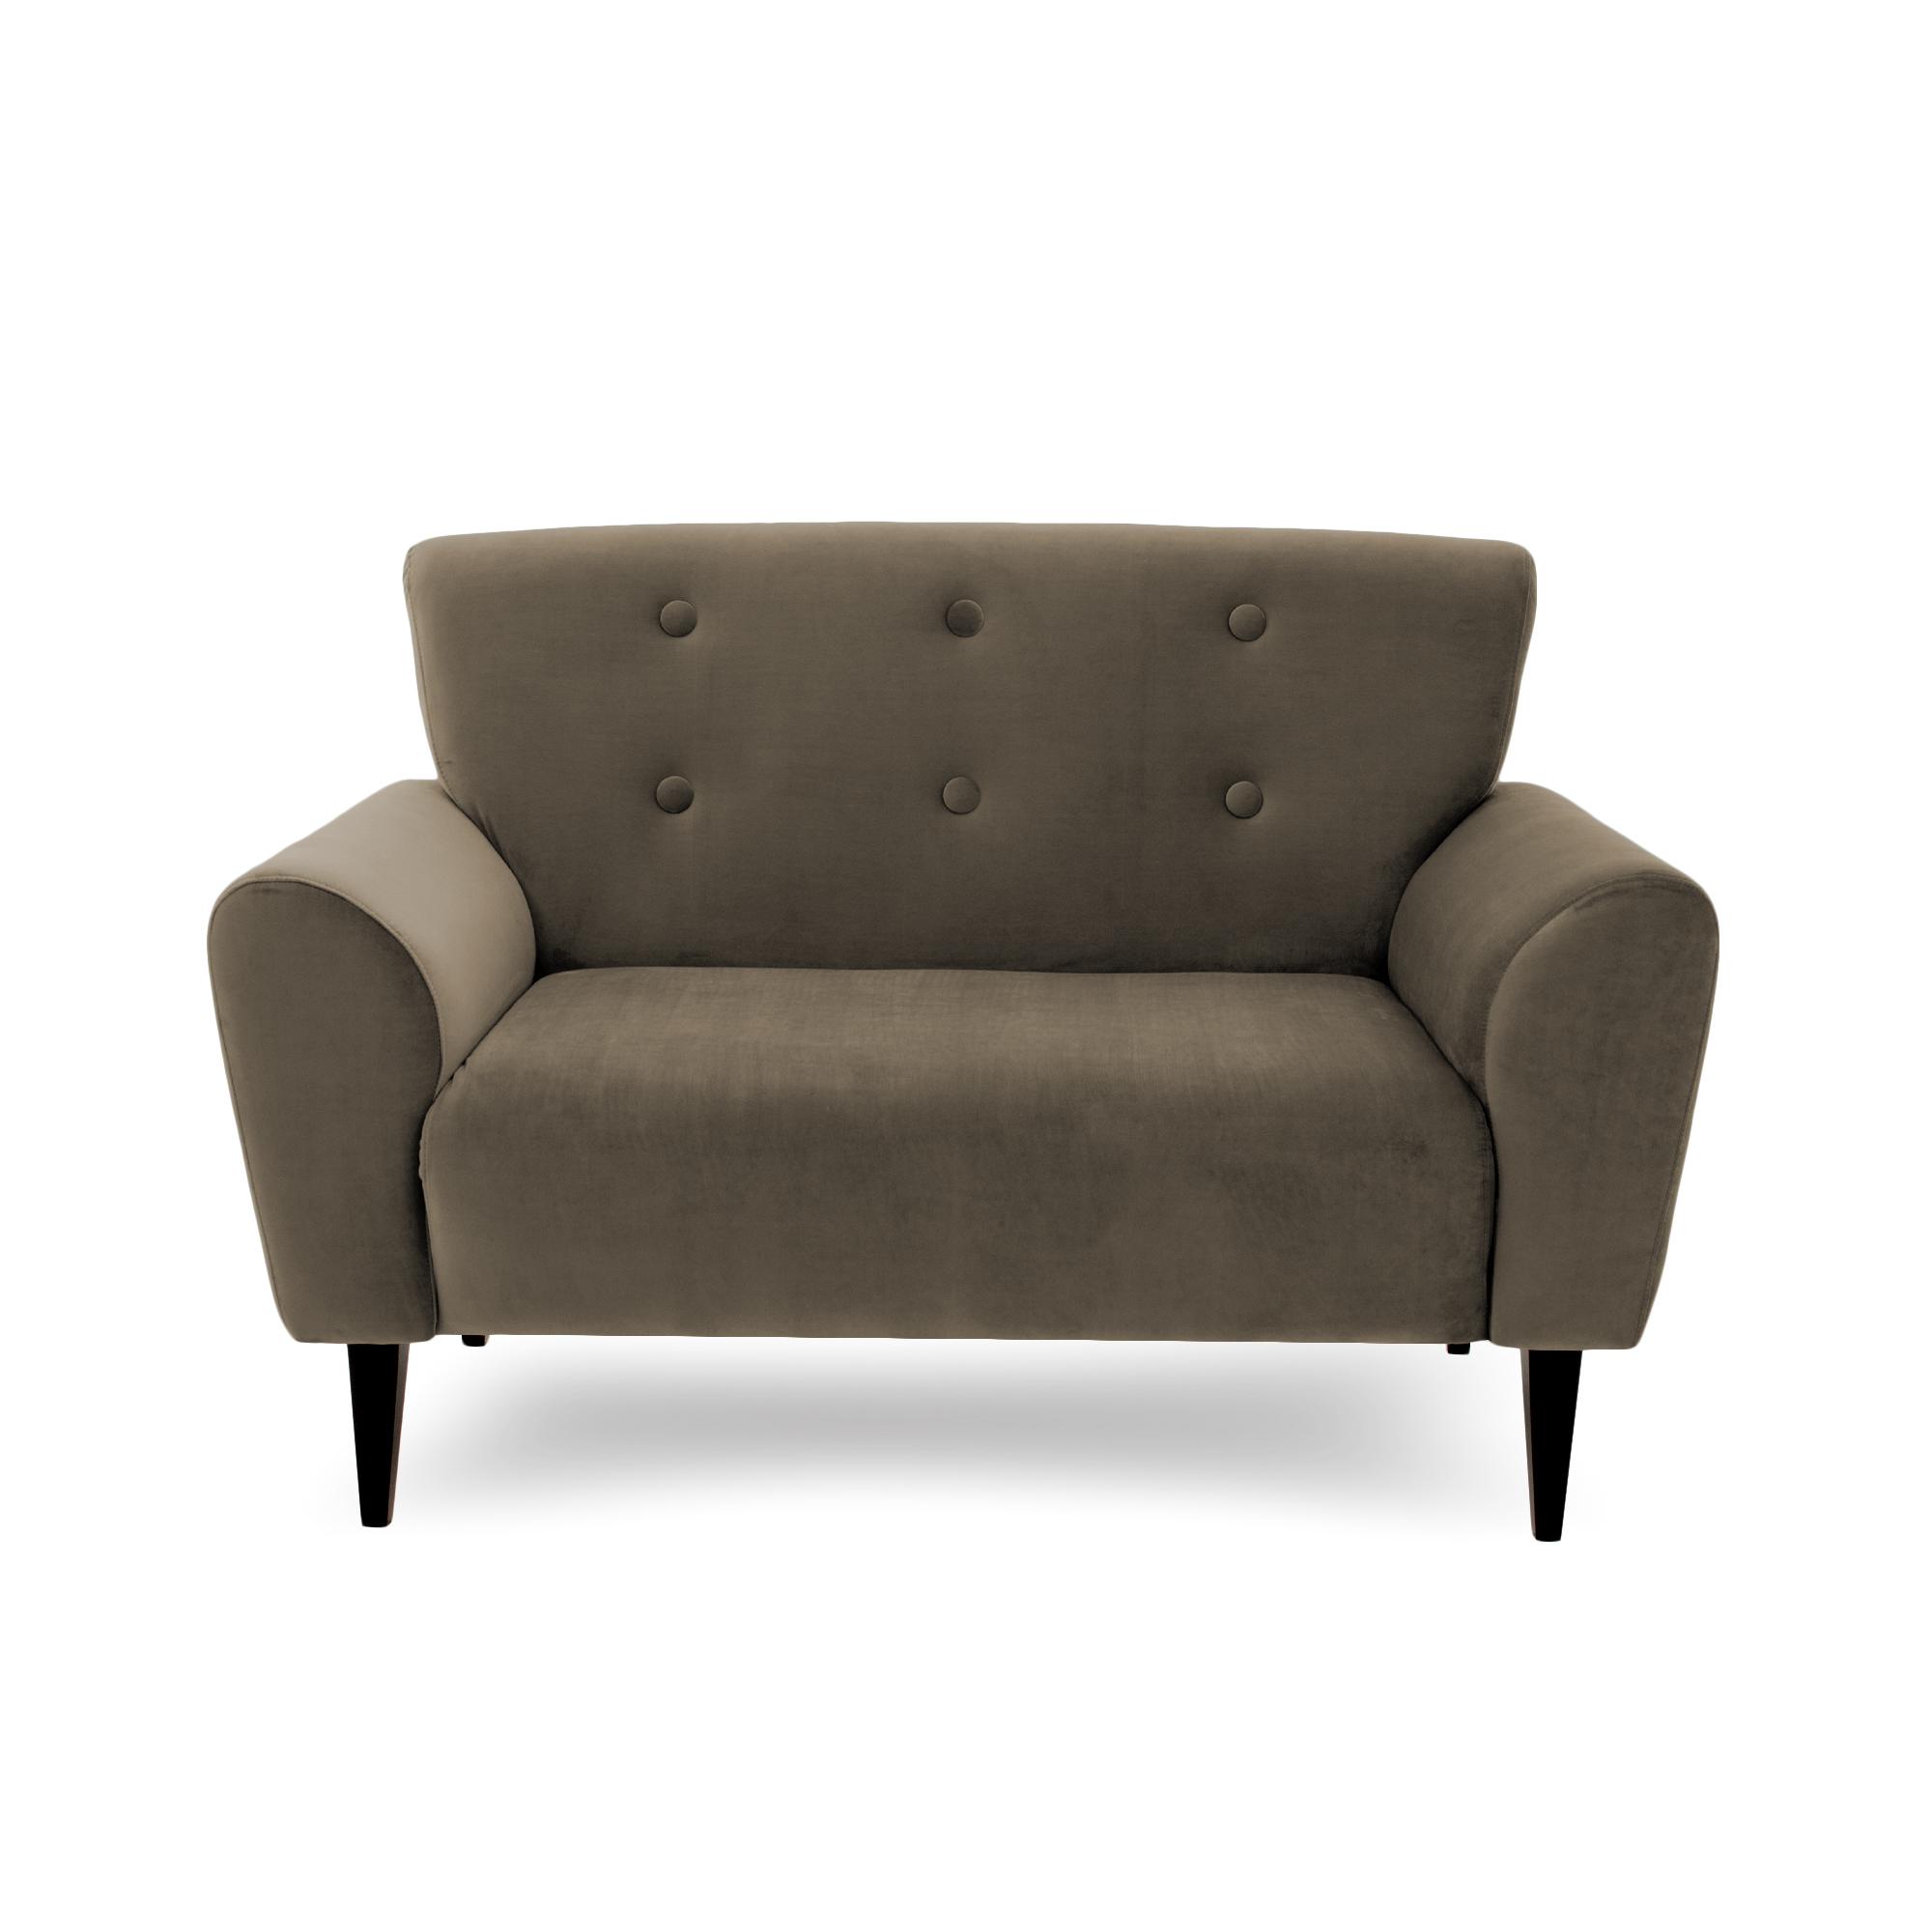 Canapea Fixa 2 locuri Kiara Taupe